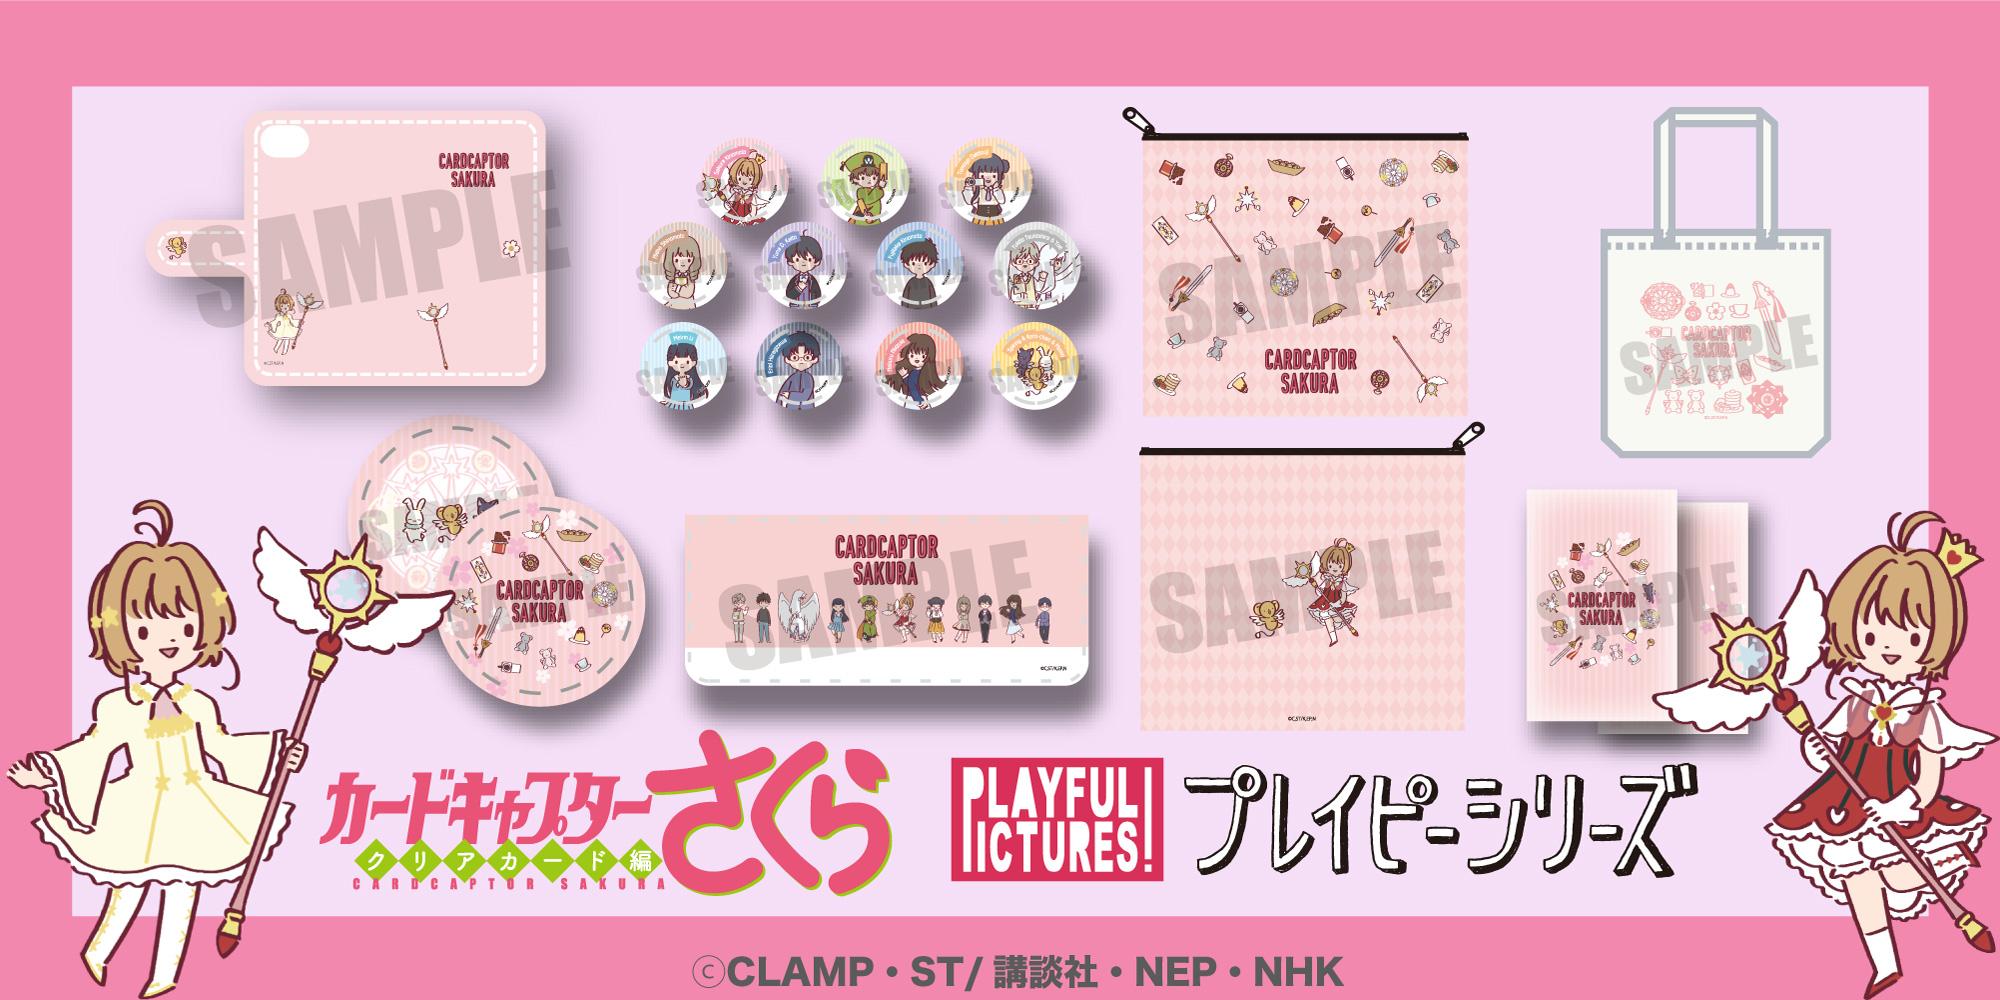 「カードキャプターさくら」×「プレイピーシリーズ」オリジナル描き起こしグッズ新登場!ゆるっとしたデザインに癒やされる